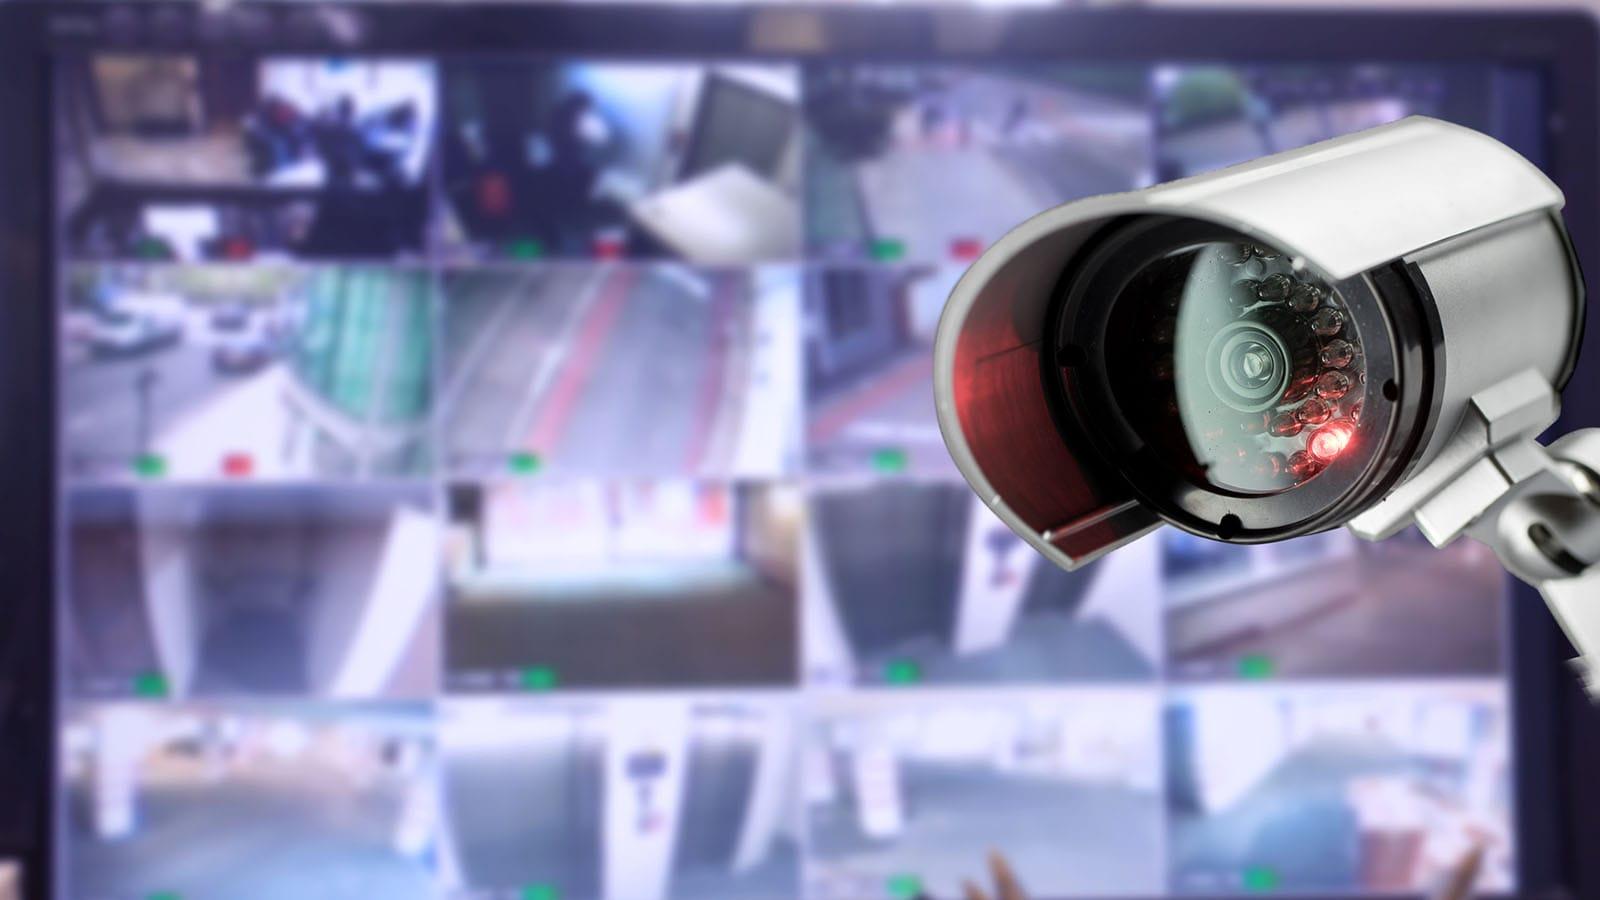 3 rodzaje telewizji przemysłowej. Nowoczesny projekt instalacji CCTV